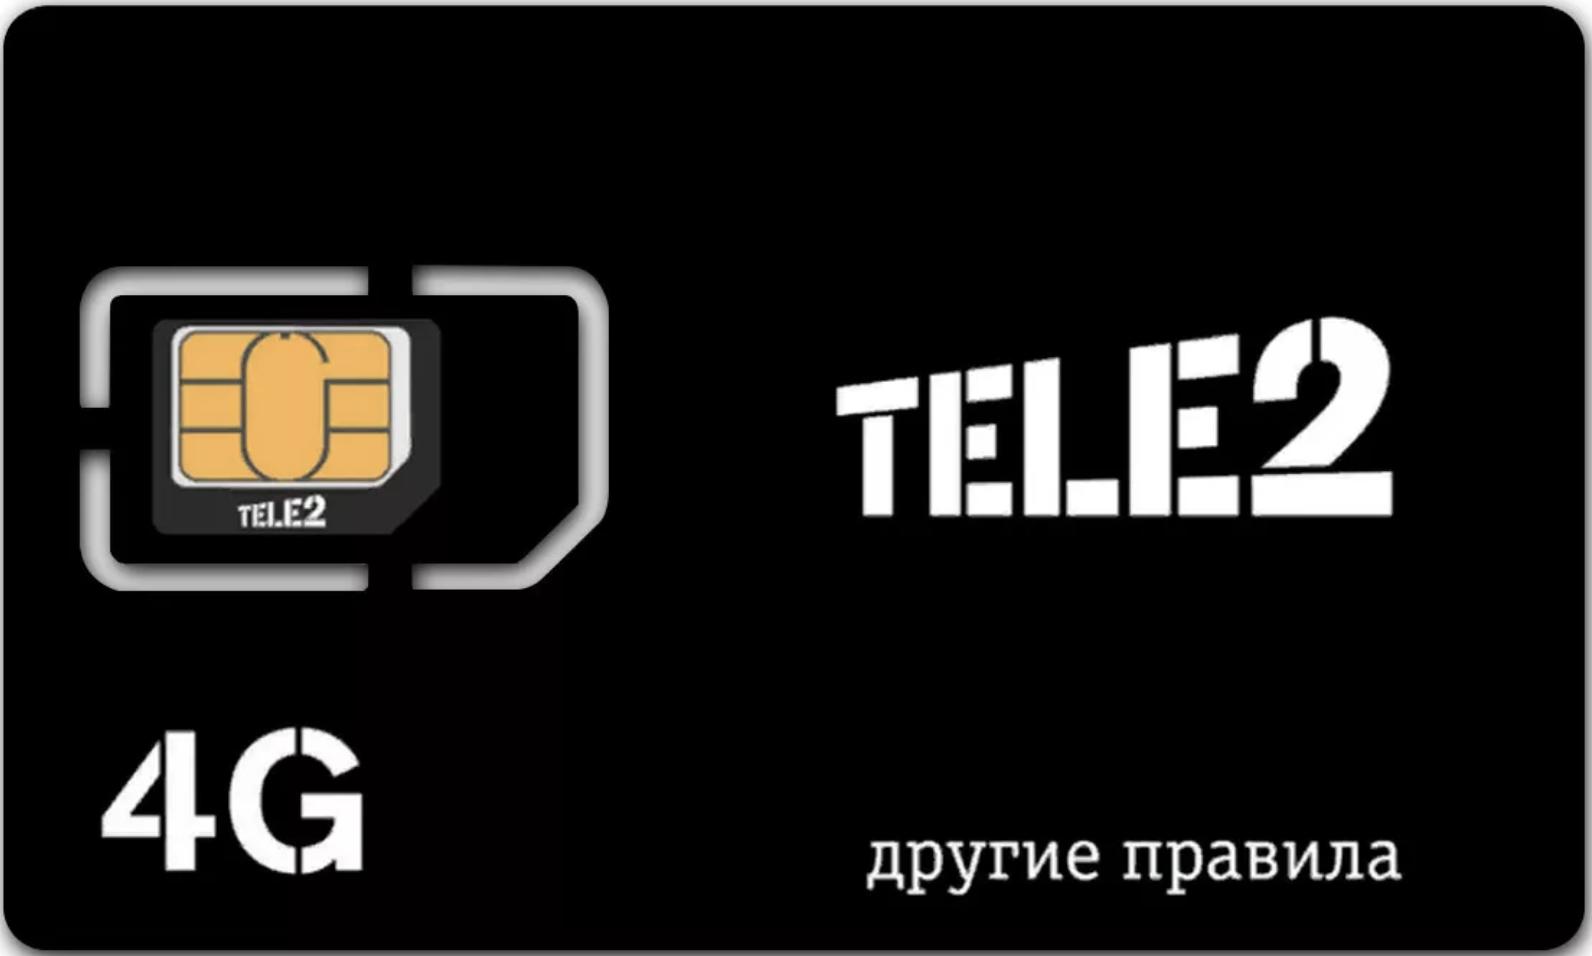 интернет для дачи в московской области теле2